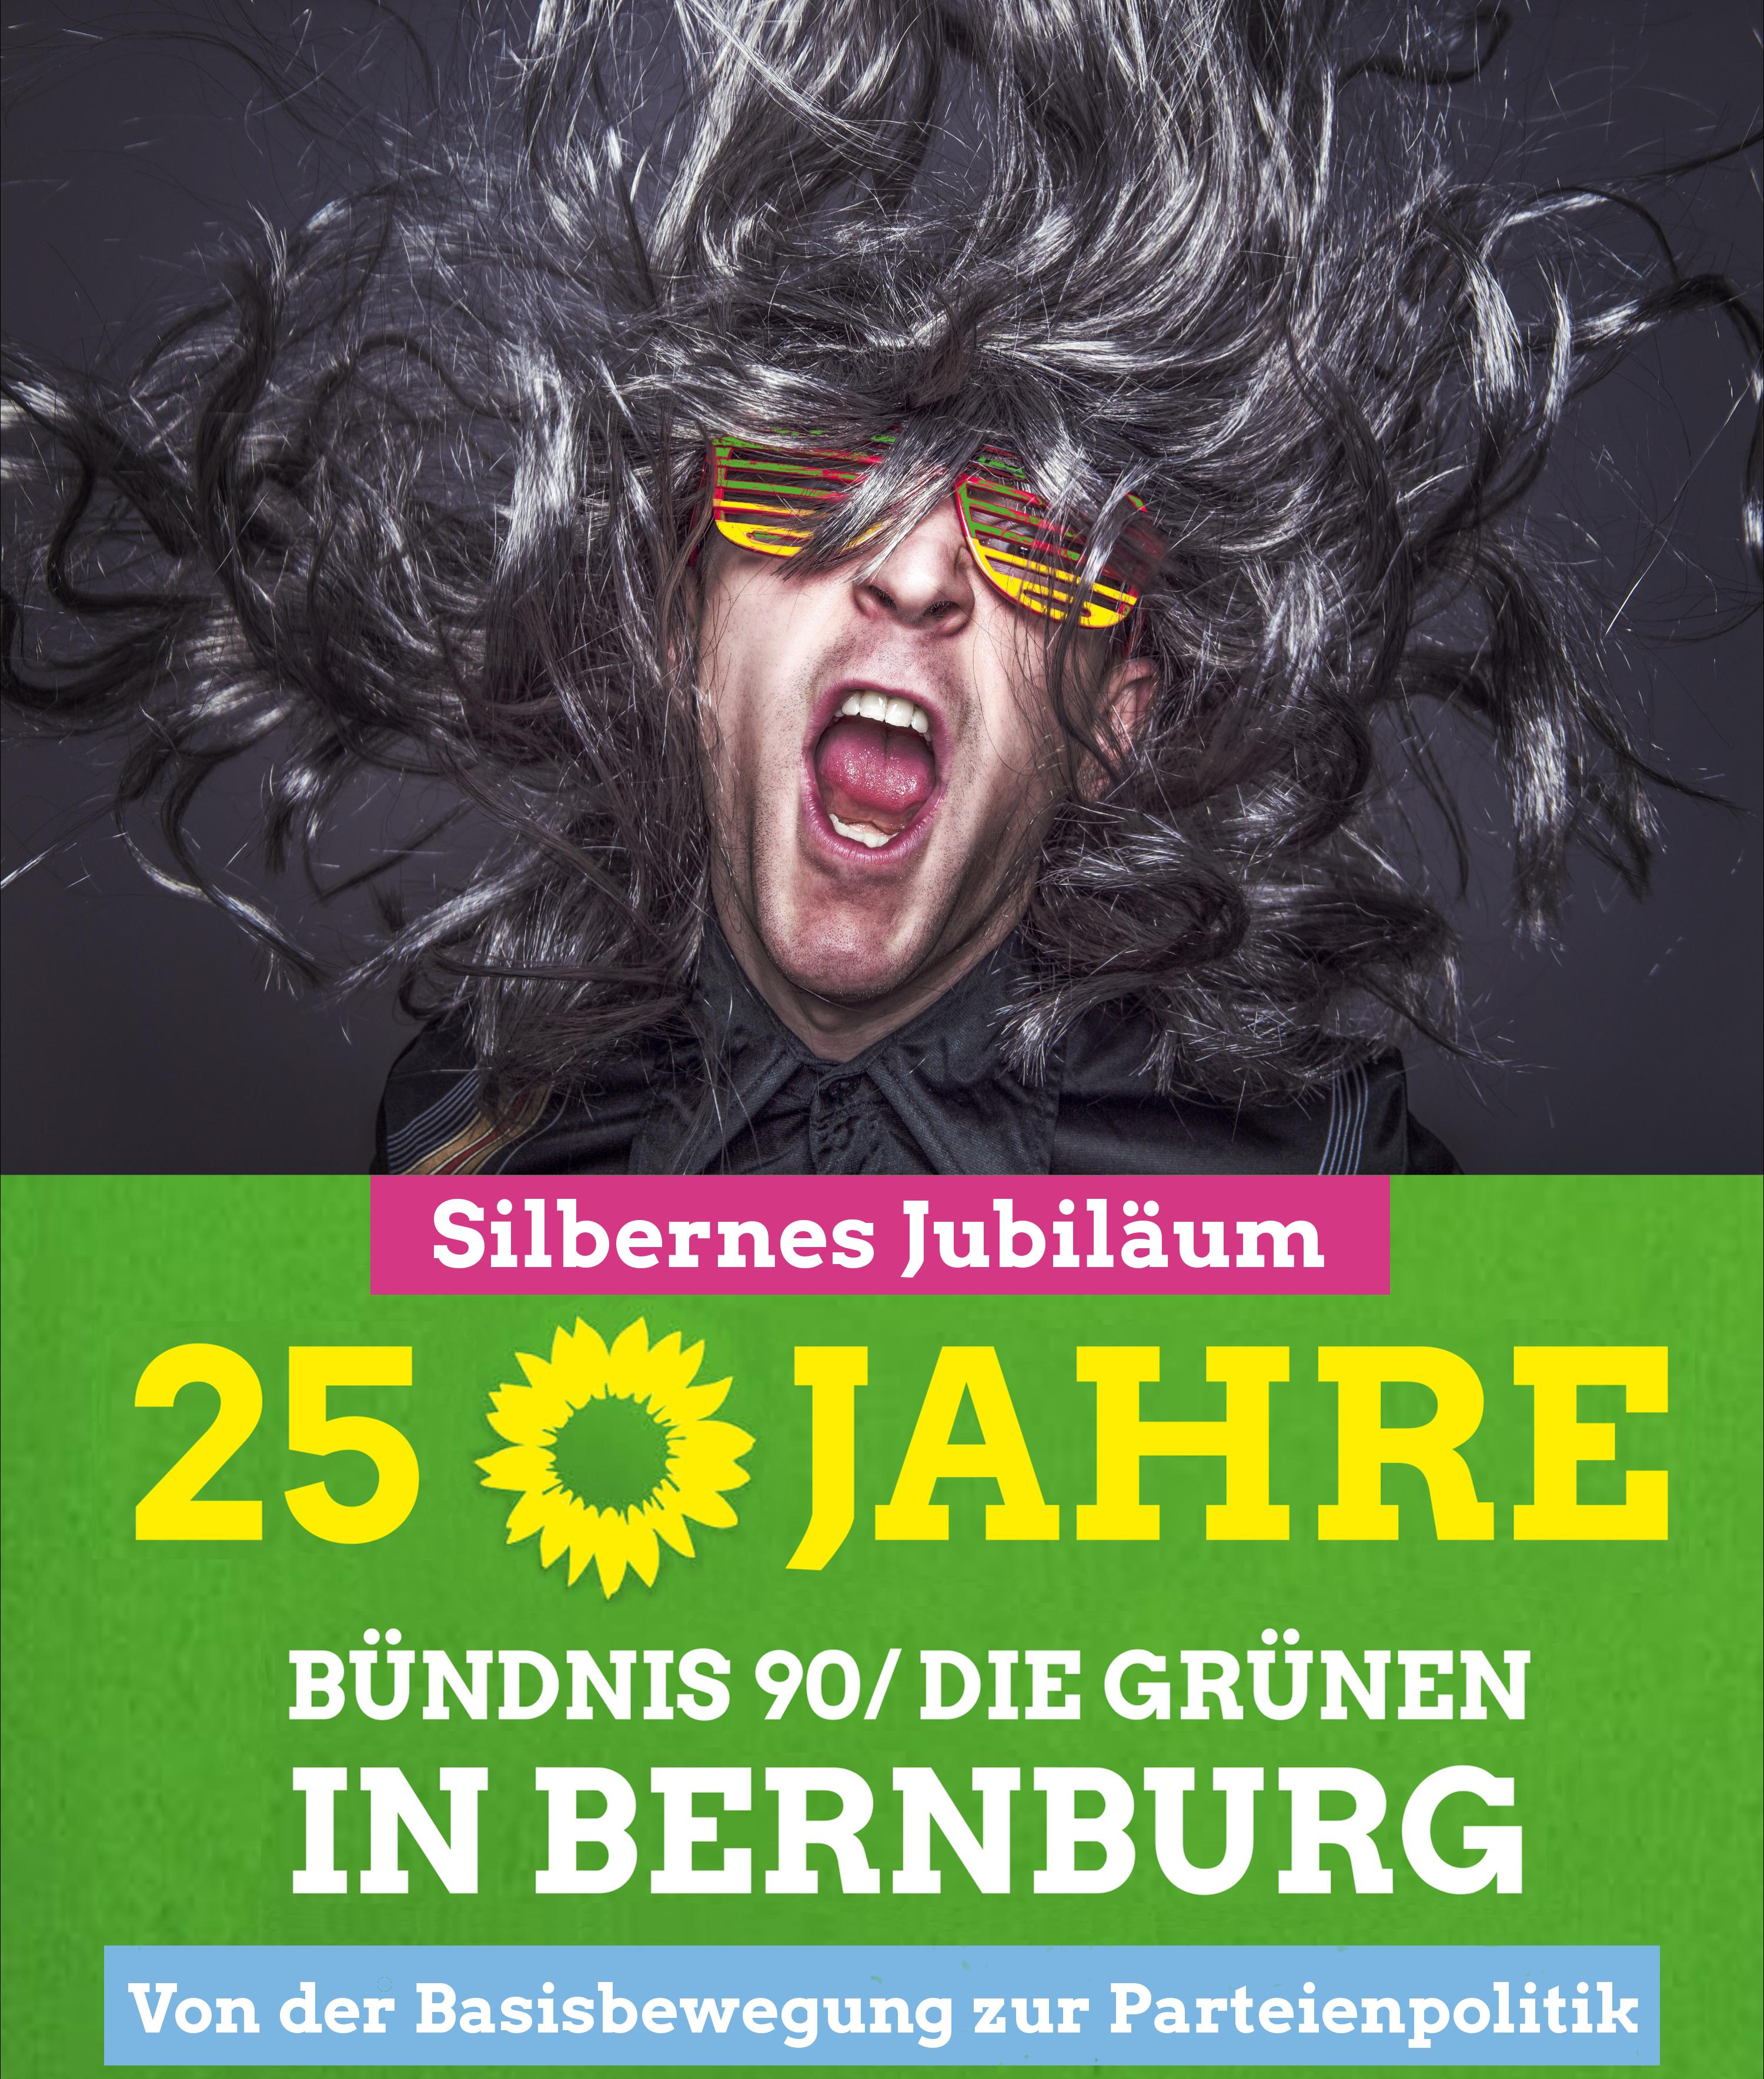 25 Jahre BÜNDNIS 90/DIE GRÜNEN in BERNBURG